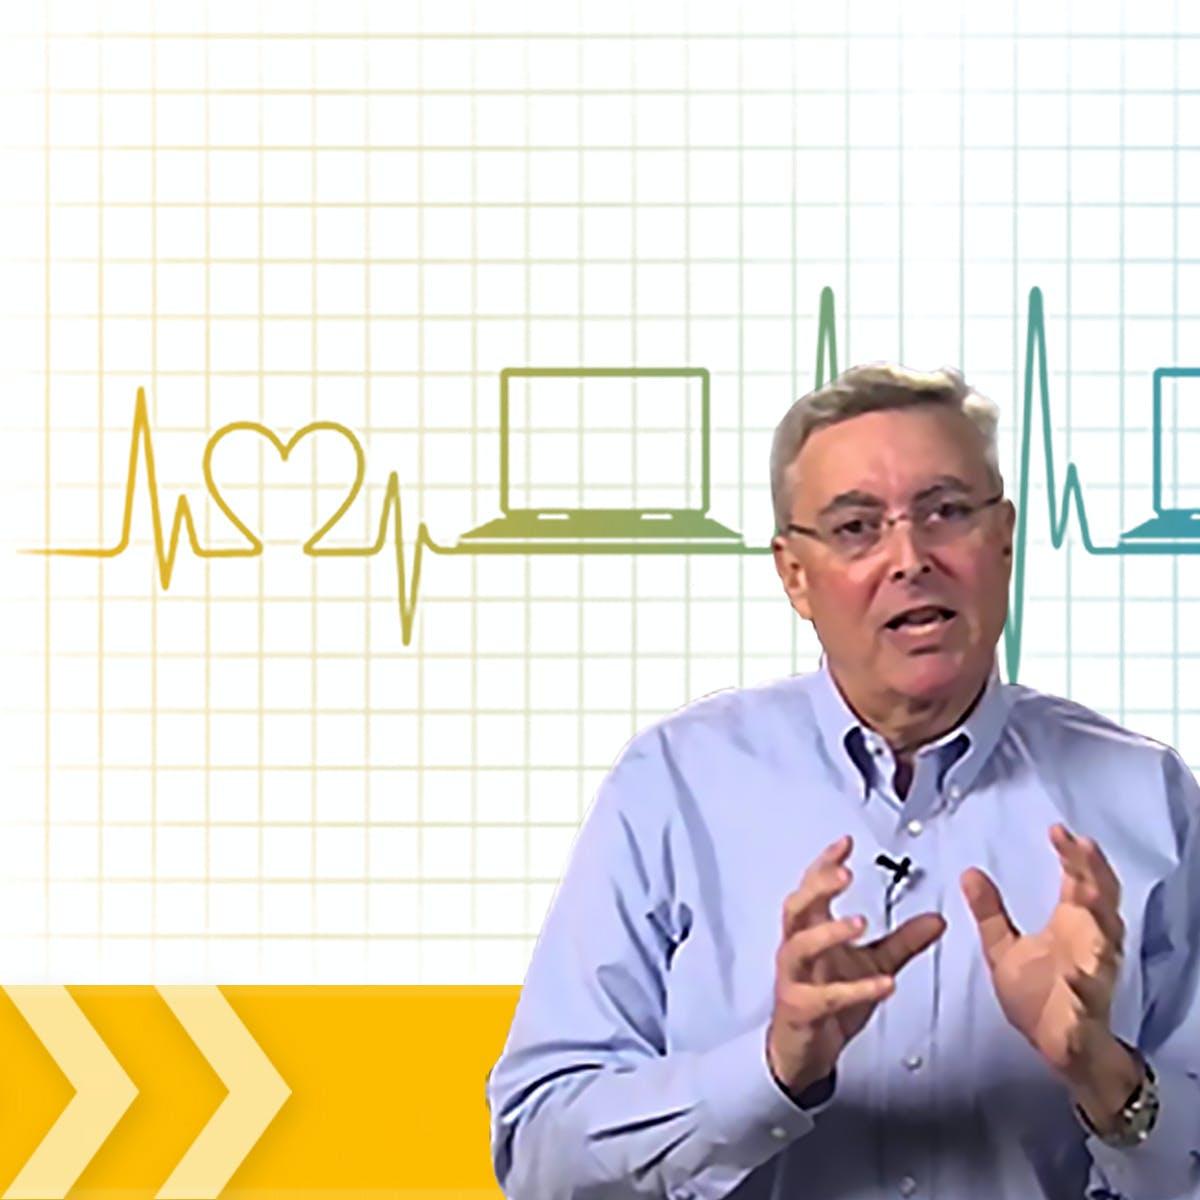 Informática aplicada à saúde em FHIR